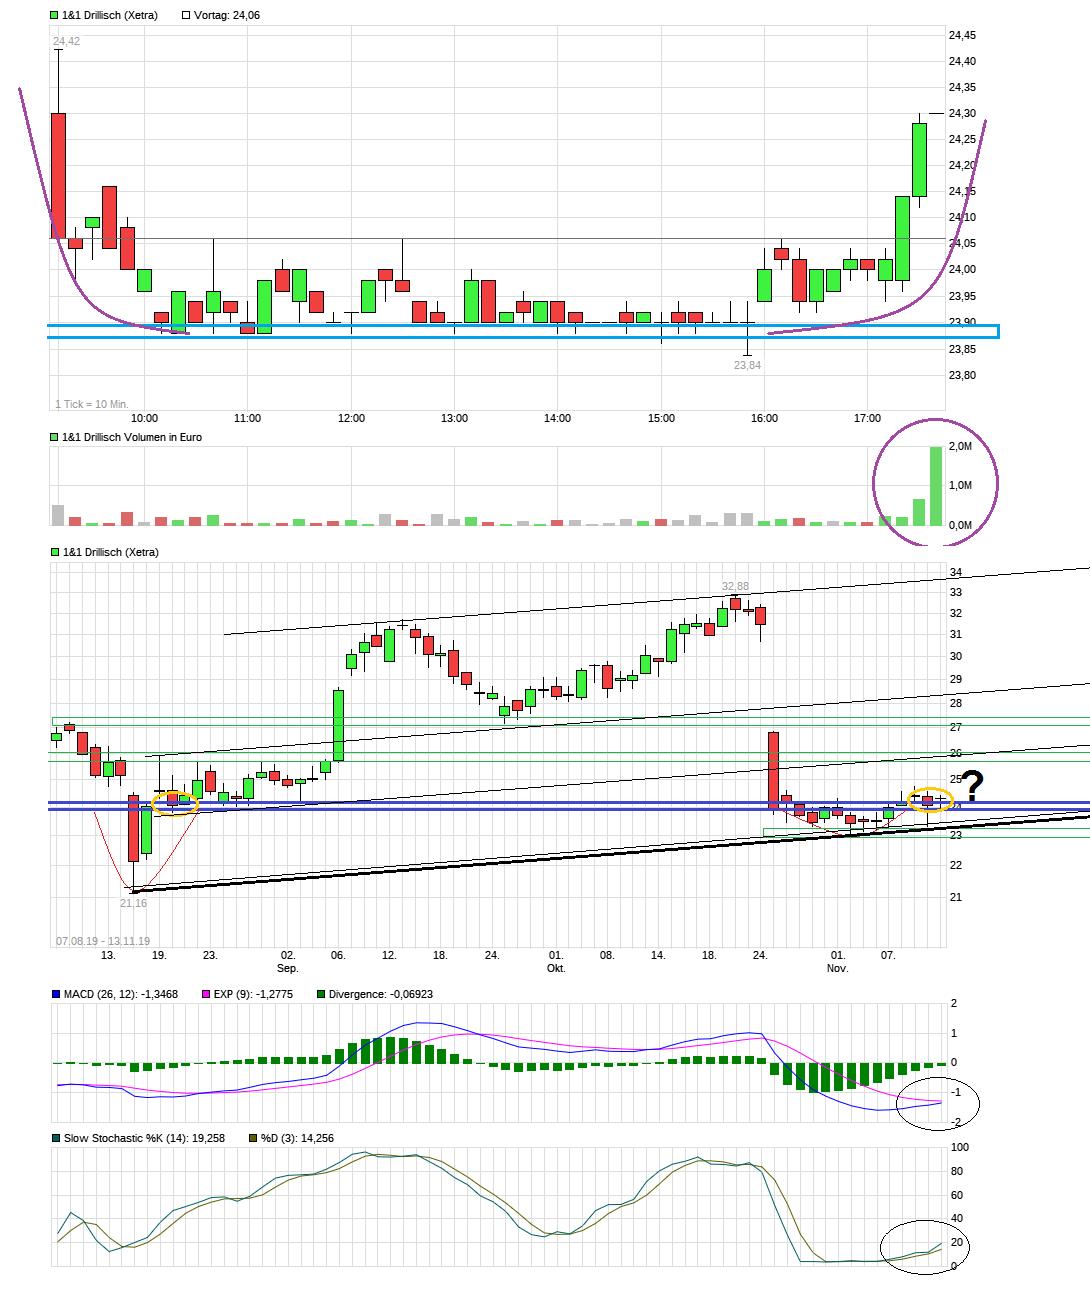 chart_intraday_11drillisch.png